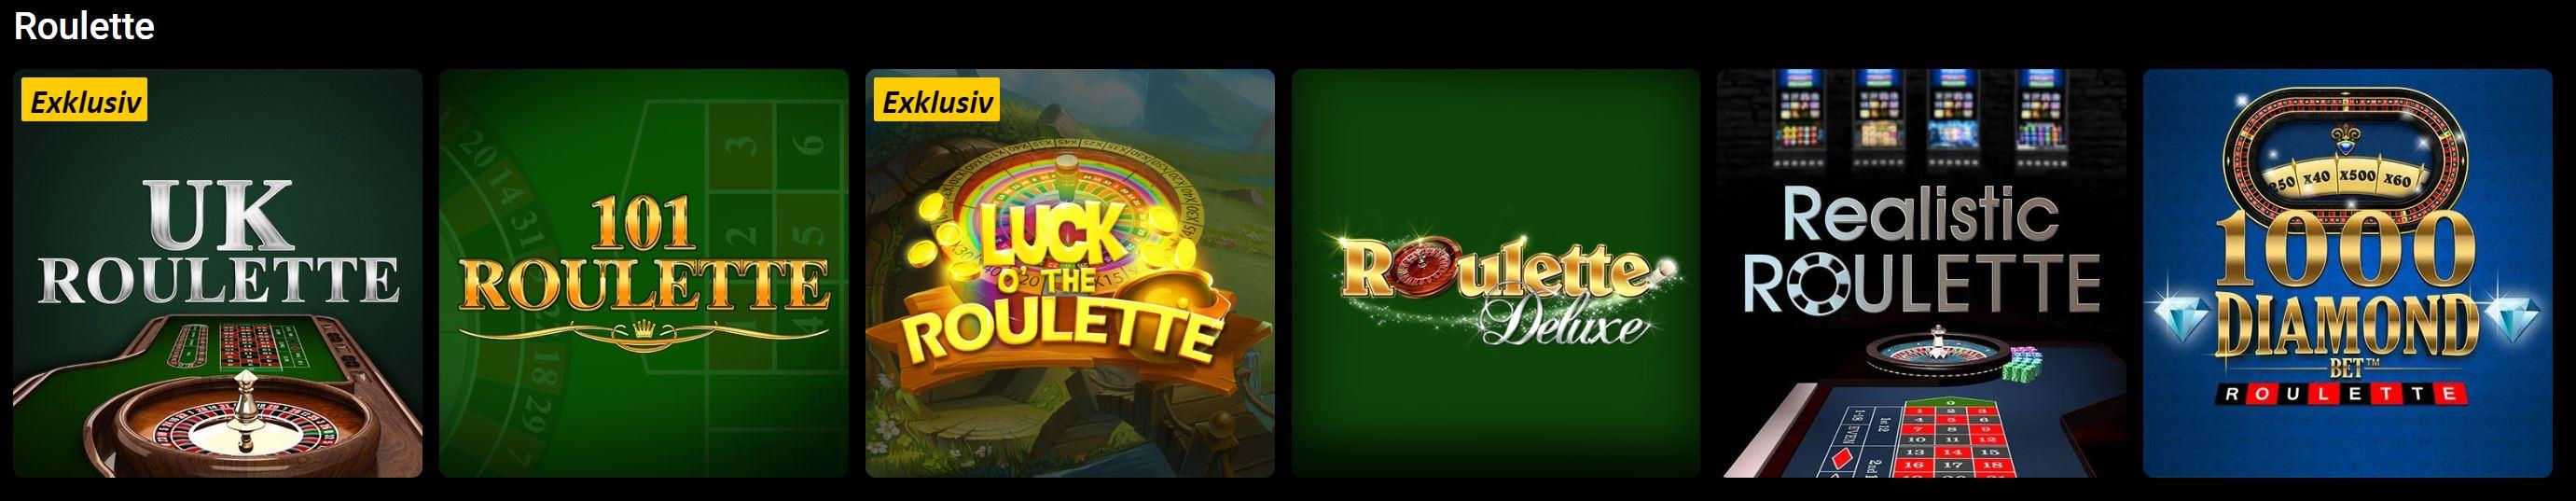 bwin-roulette